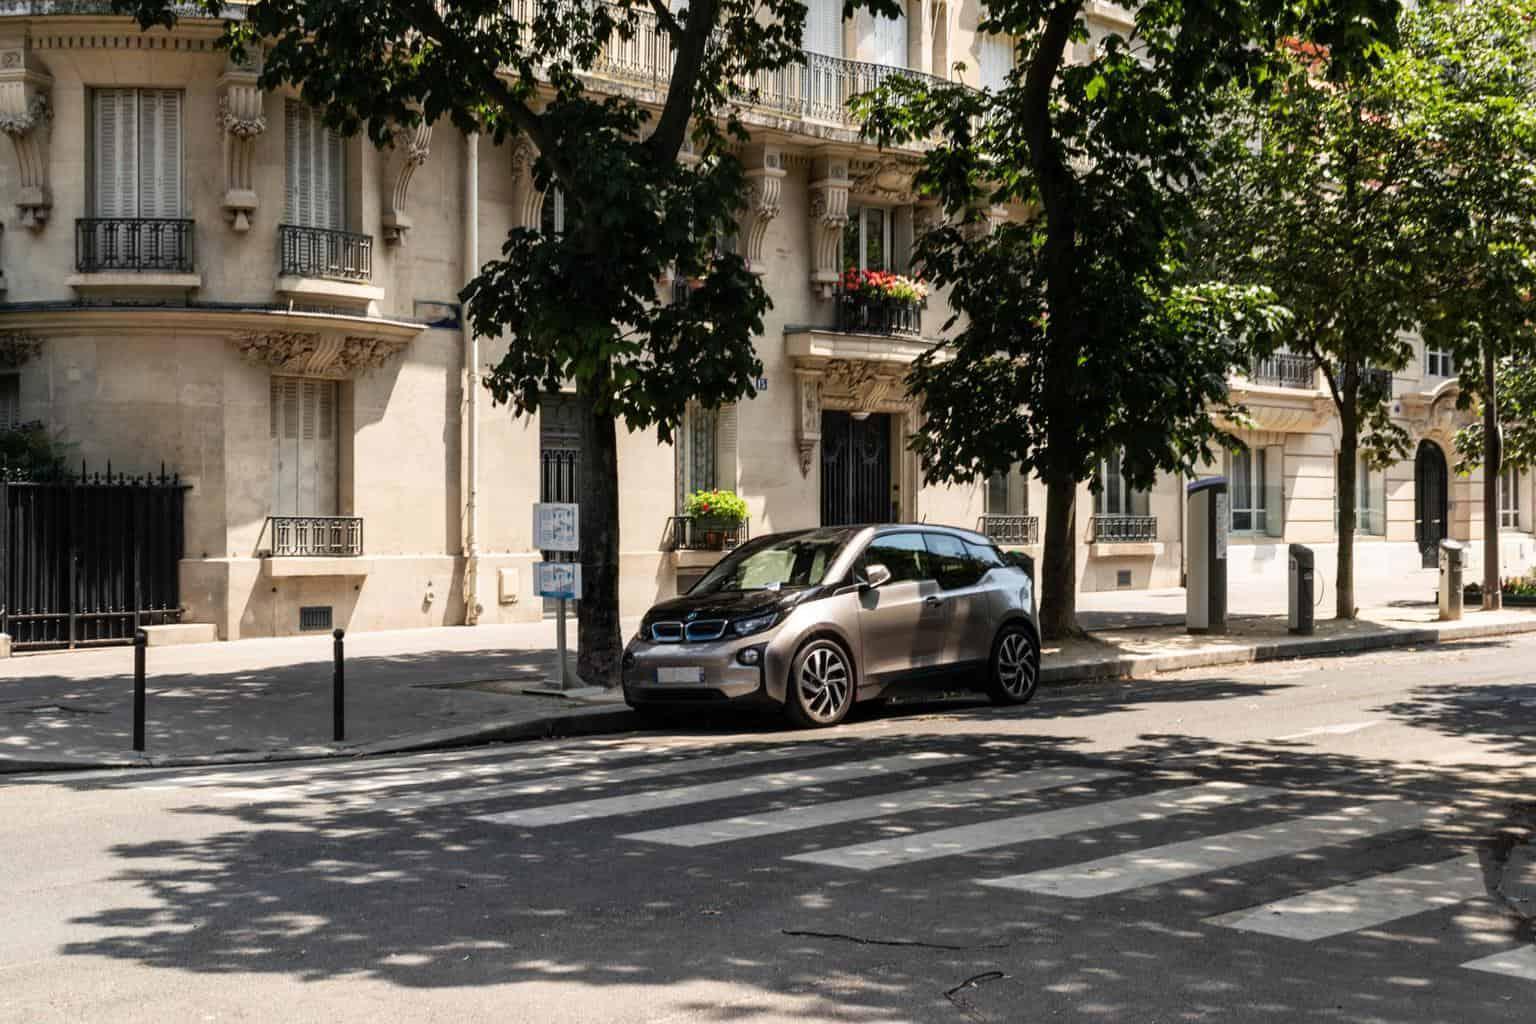 Roadtriperfahrung: Von München nach Venedig und Jesolo mit dem BMW i3